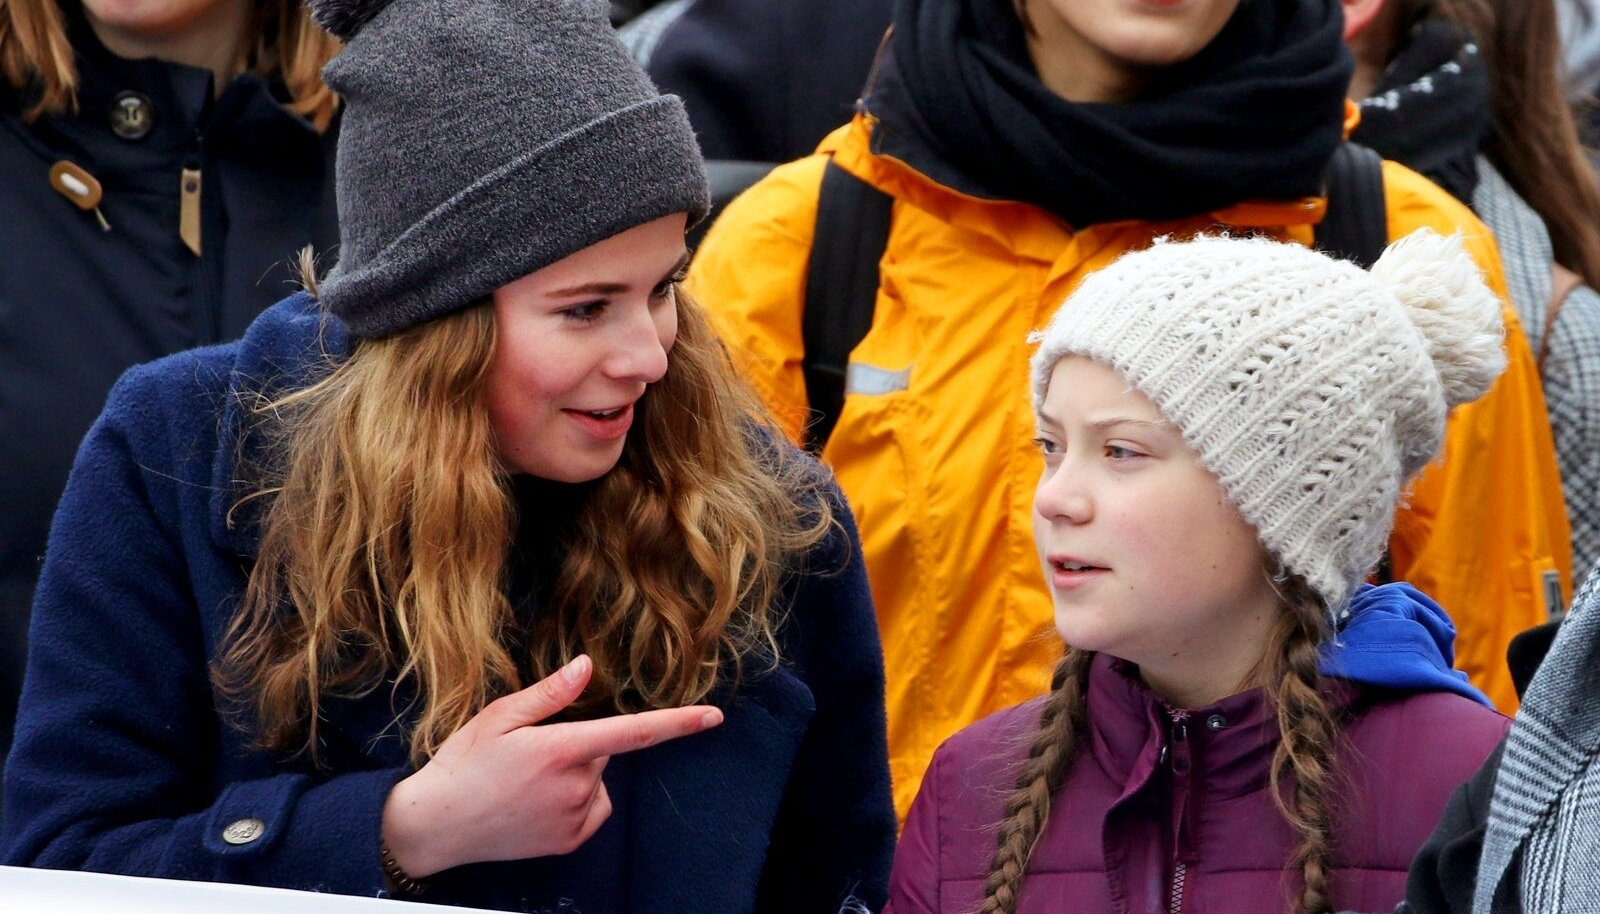 VÕITLUSKAASLASED: Põhikooli õpilane Greta (paremal) ja geograafiatudeng Luisa (vasakul) 1. märtsi meeleavaldusel Hamburgis. Gretat võeti vastu nagu popstaari. Tema ihukaitsjateks oli neli politseinikku.